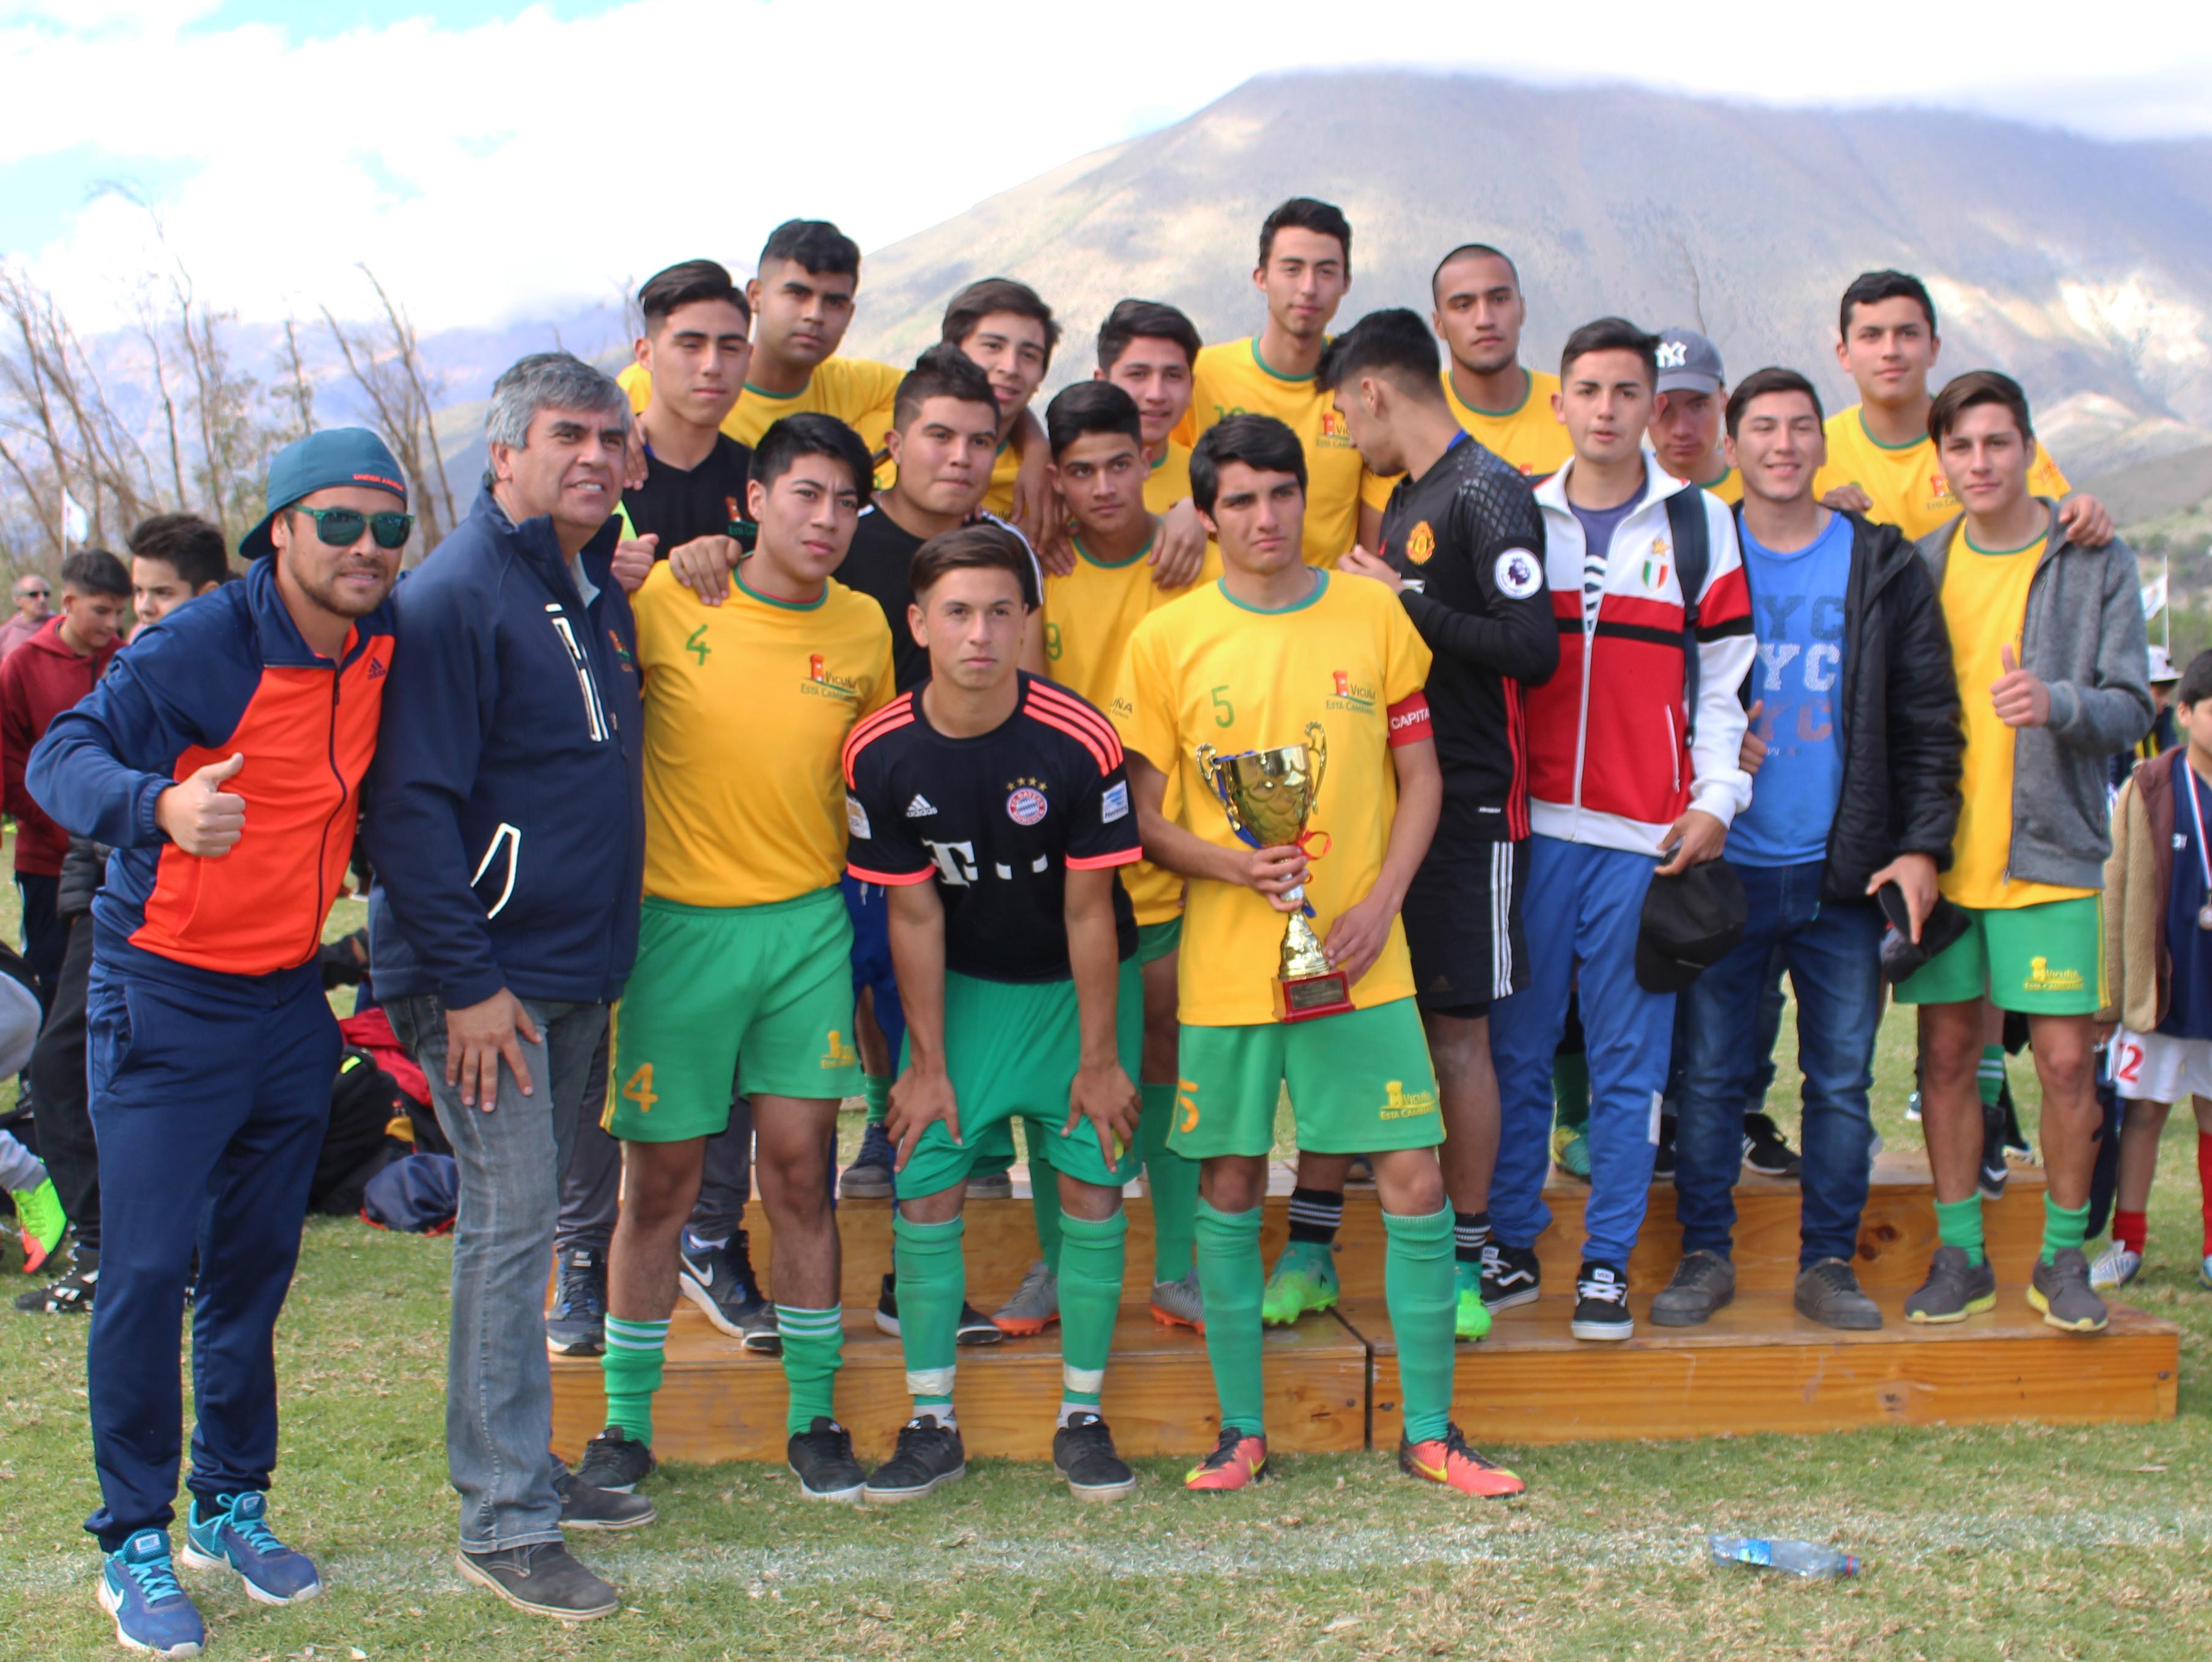 Photo of Más de 700 jóvenes disputaron la 5ta versión del campeonato Haciendo Amigos en Vicuña